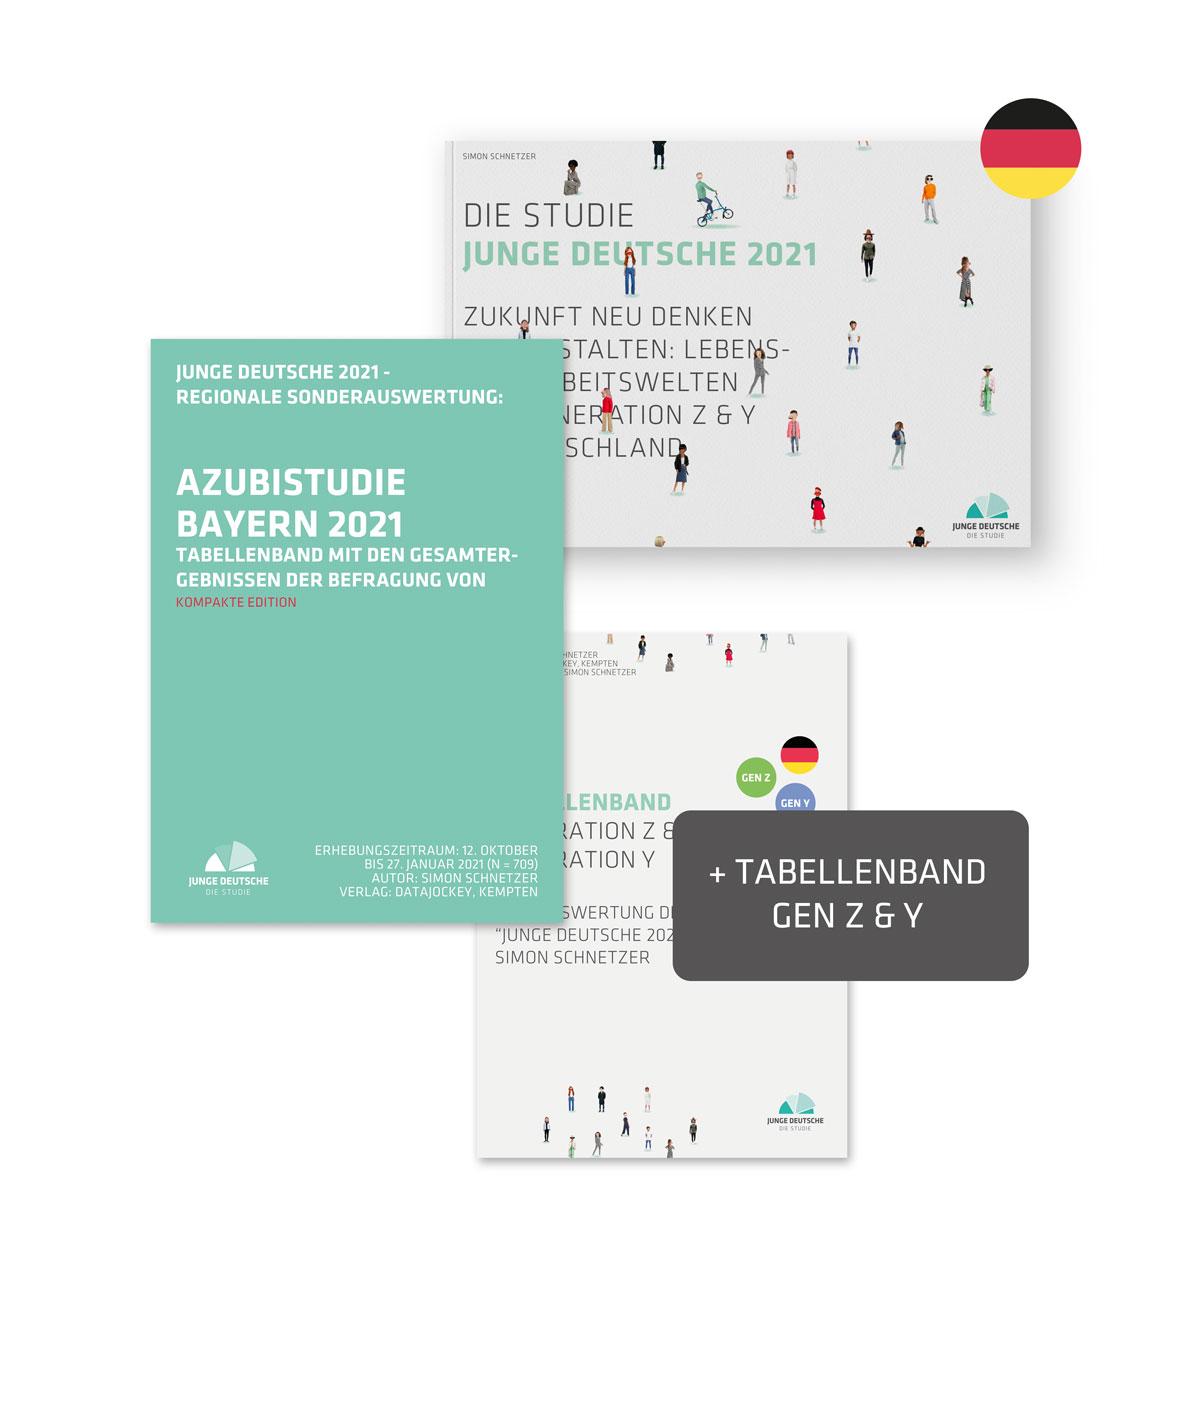 Produktbild - Azubistudie BAYERN + Studie Junge Deutsche 2021 Publikation PLUS